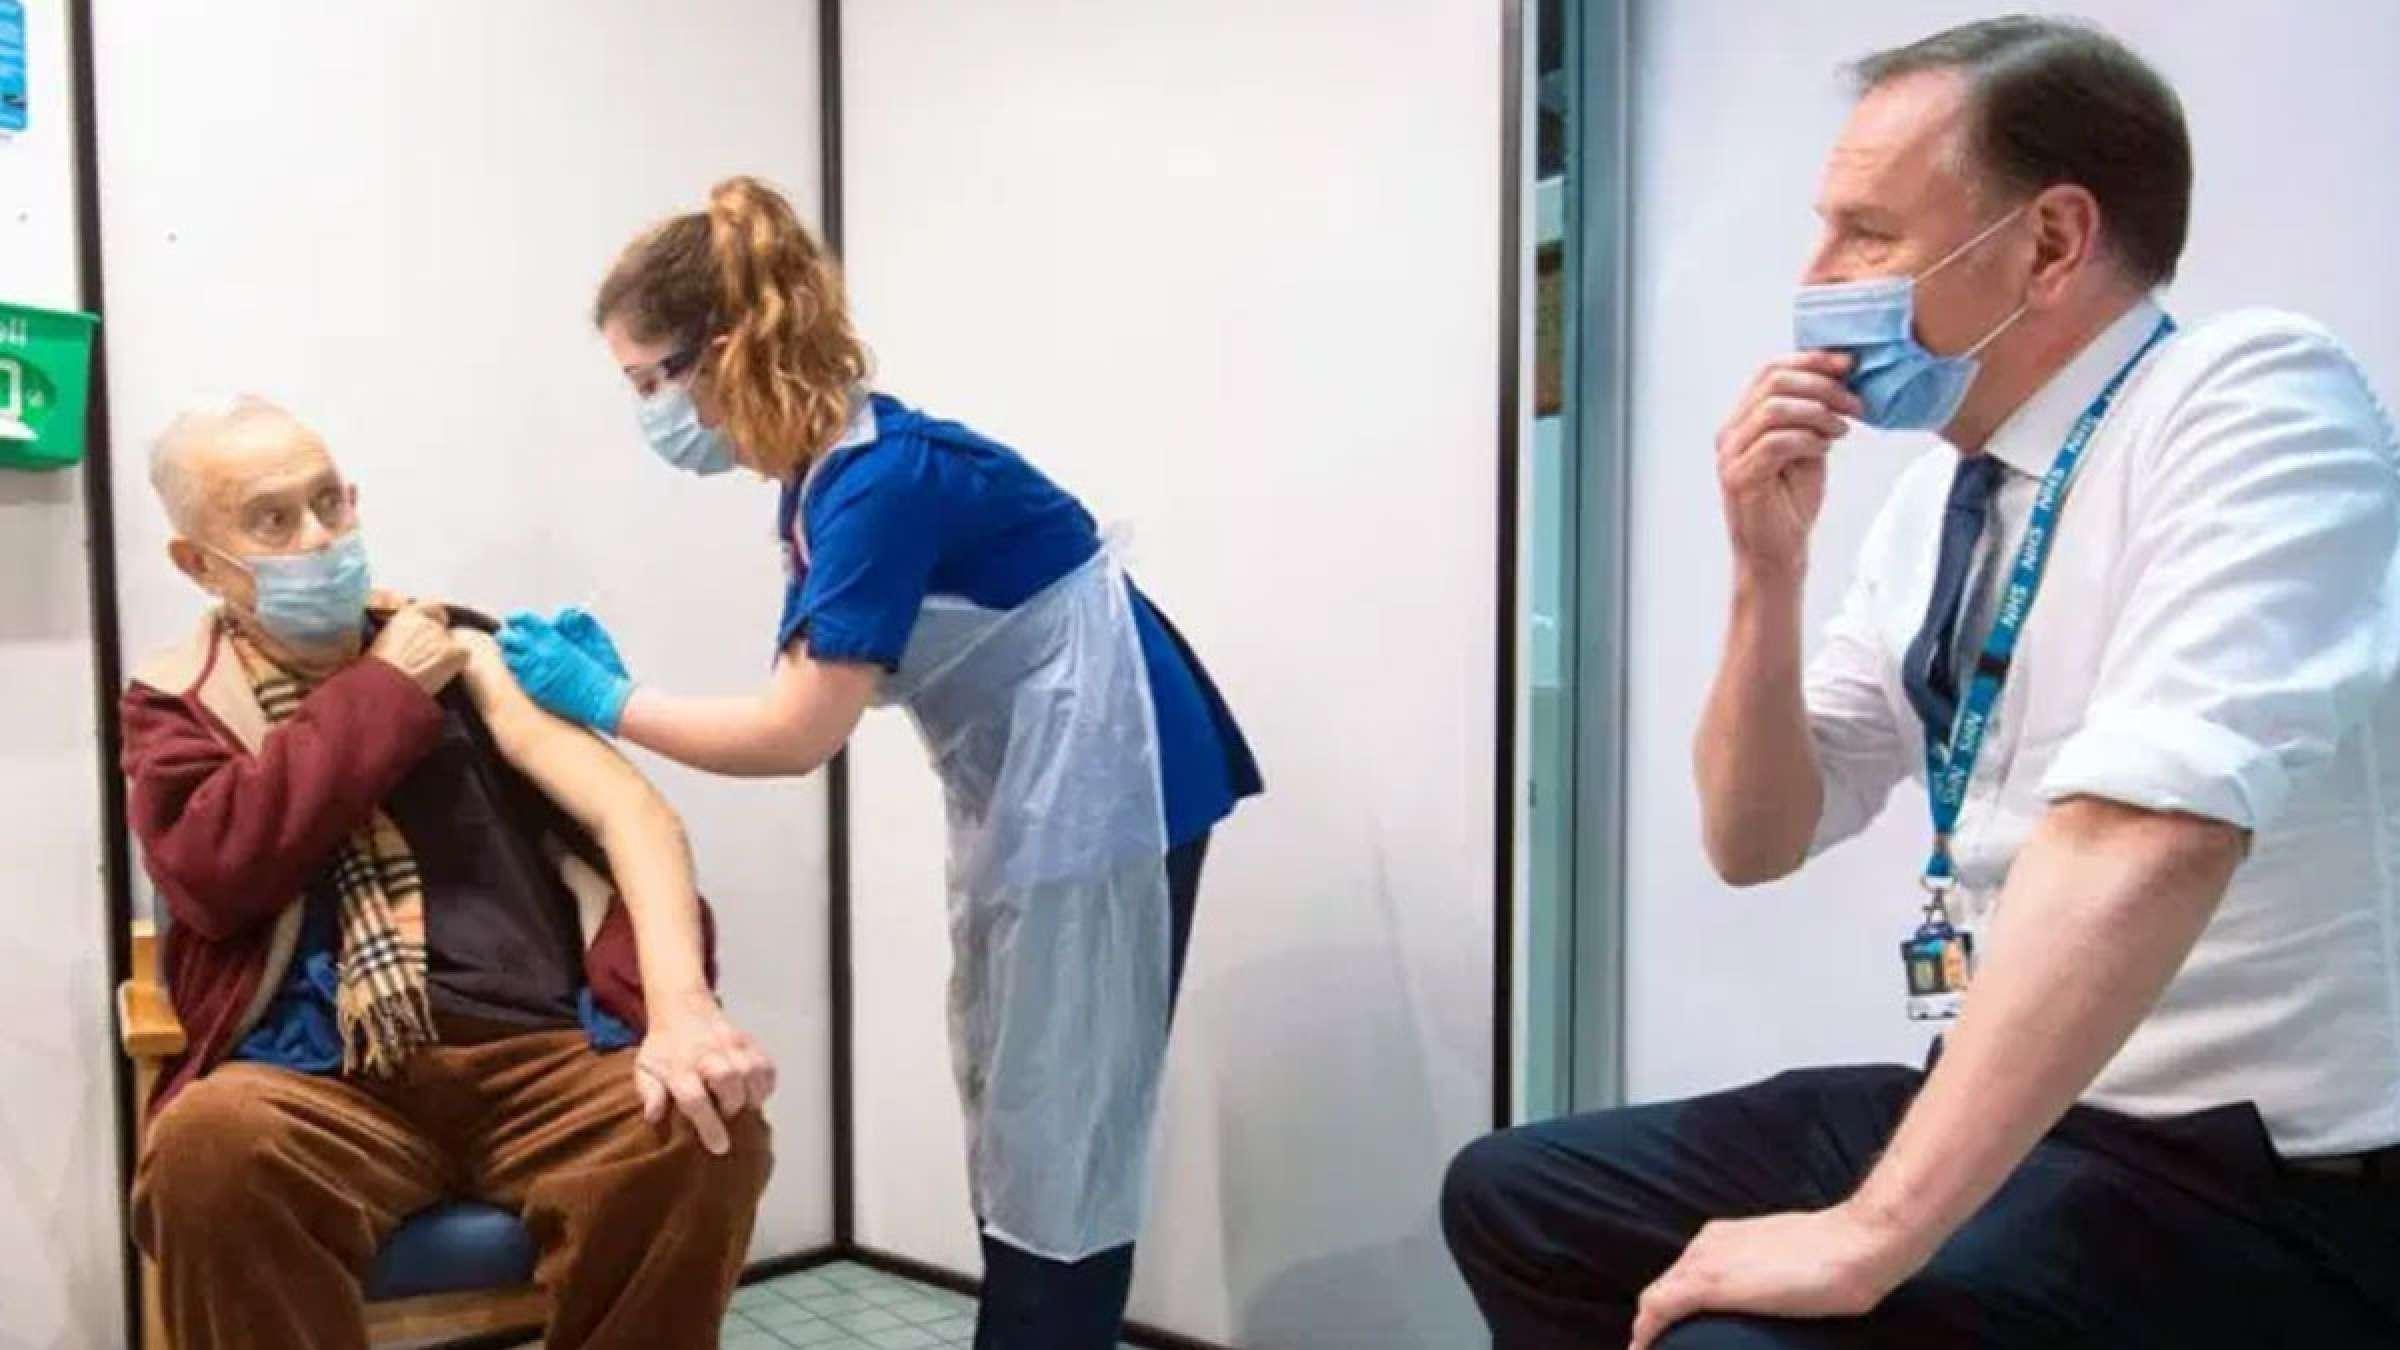 اخبار-کانادا-ترودو-واکسن-زدن-اجباری-نیست-اما-آیا-رئیس-شما-استان-یا-دنیا-می-تواند-شما-را-مجبور-کند-واکسن-بزنید